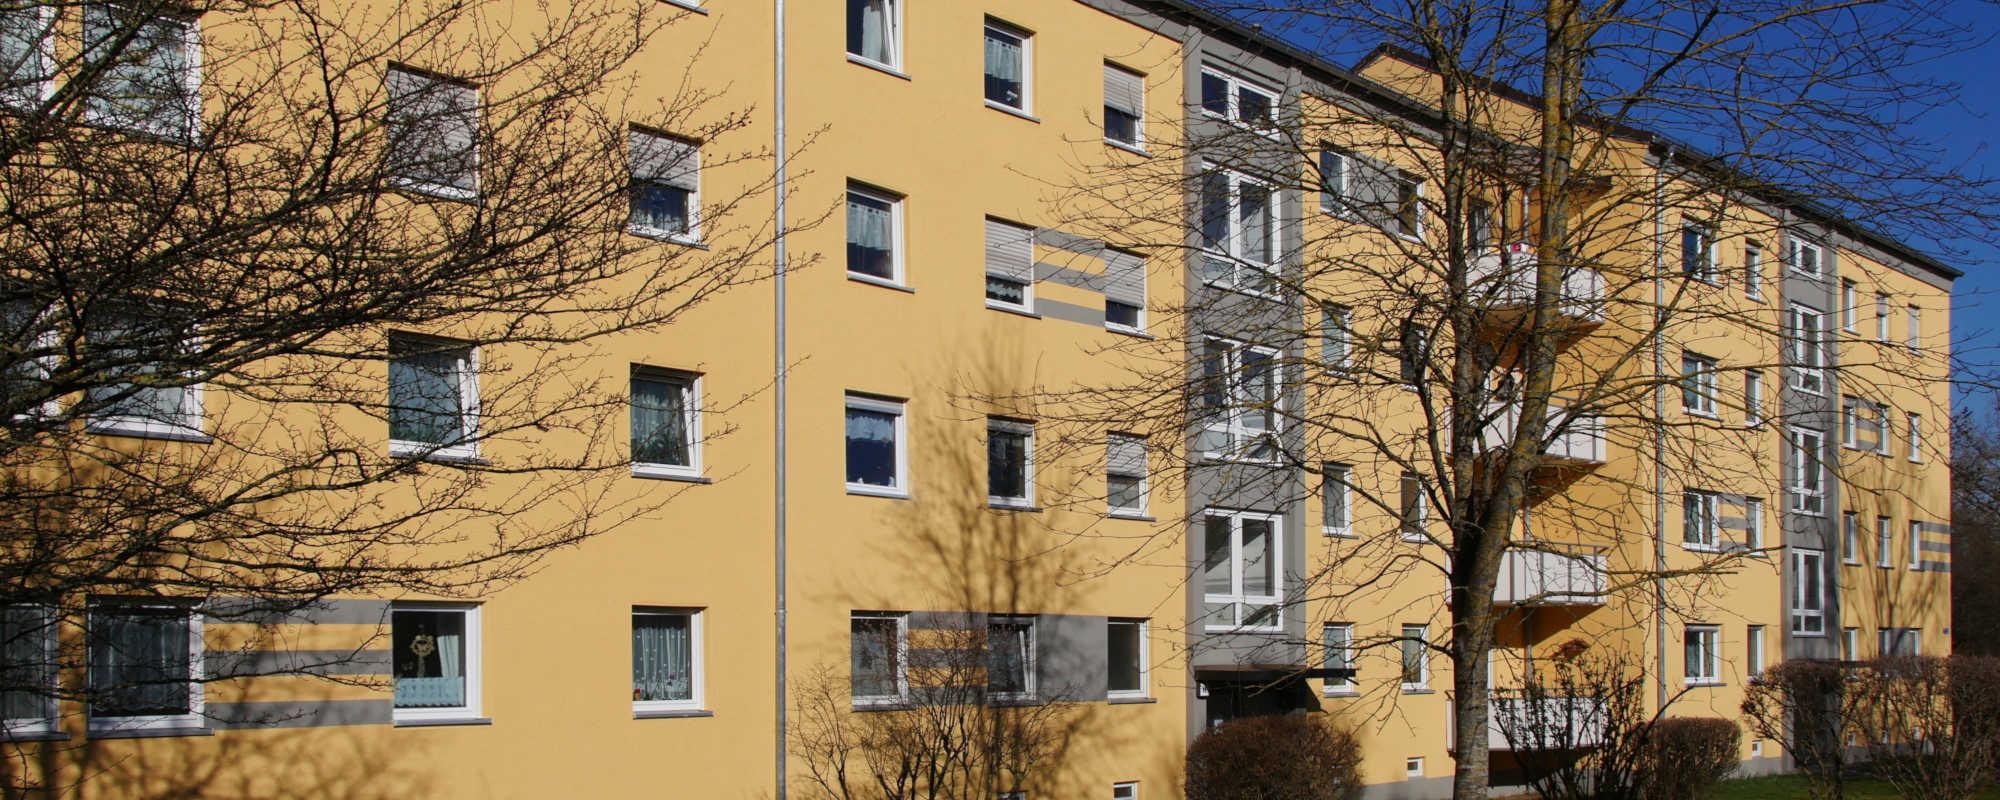 Fassadensanierung, Aussenanstriche Augsburg